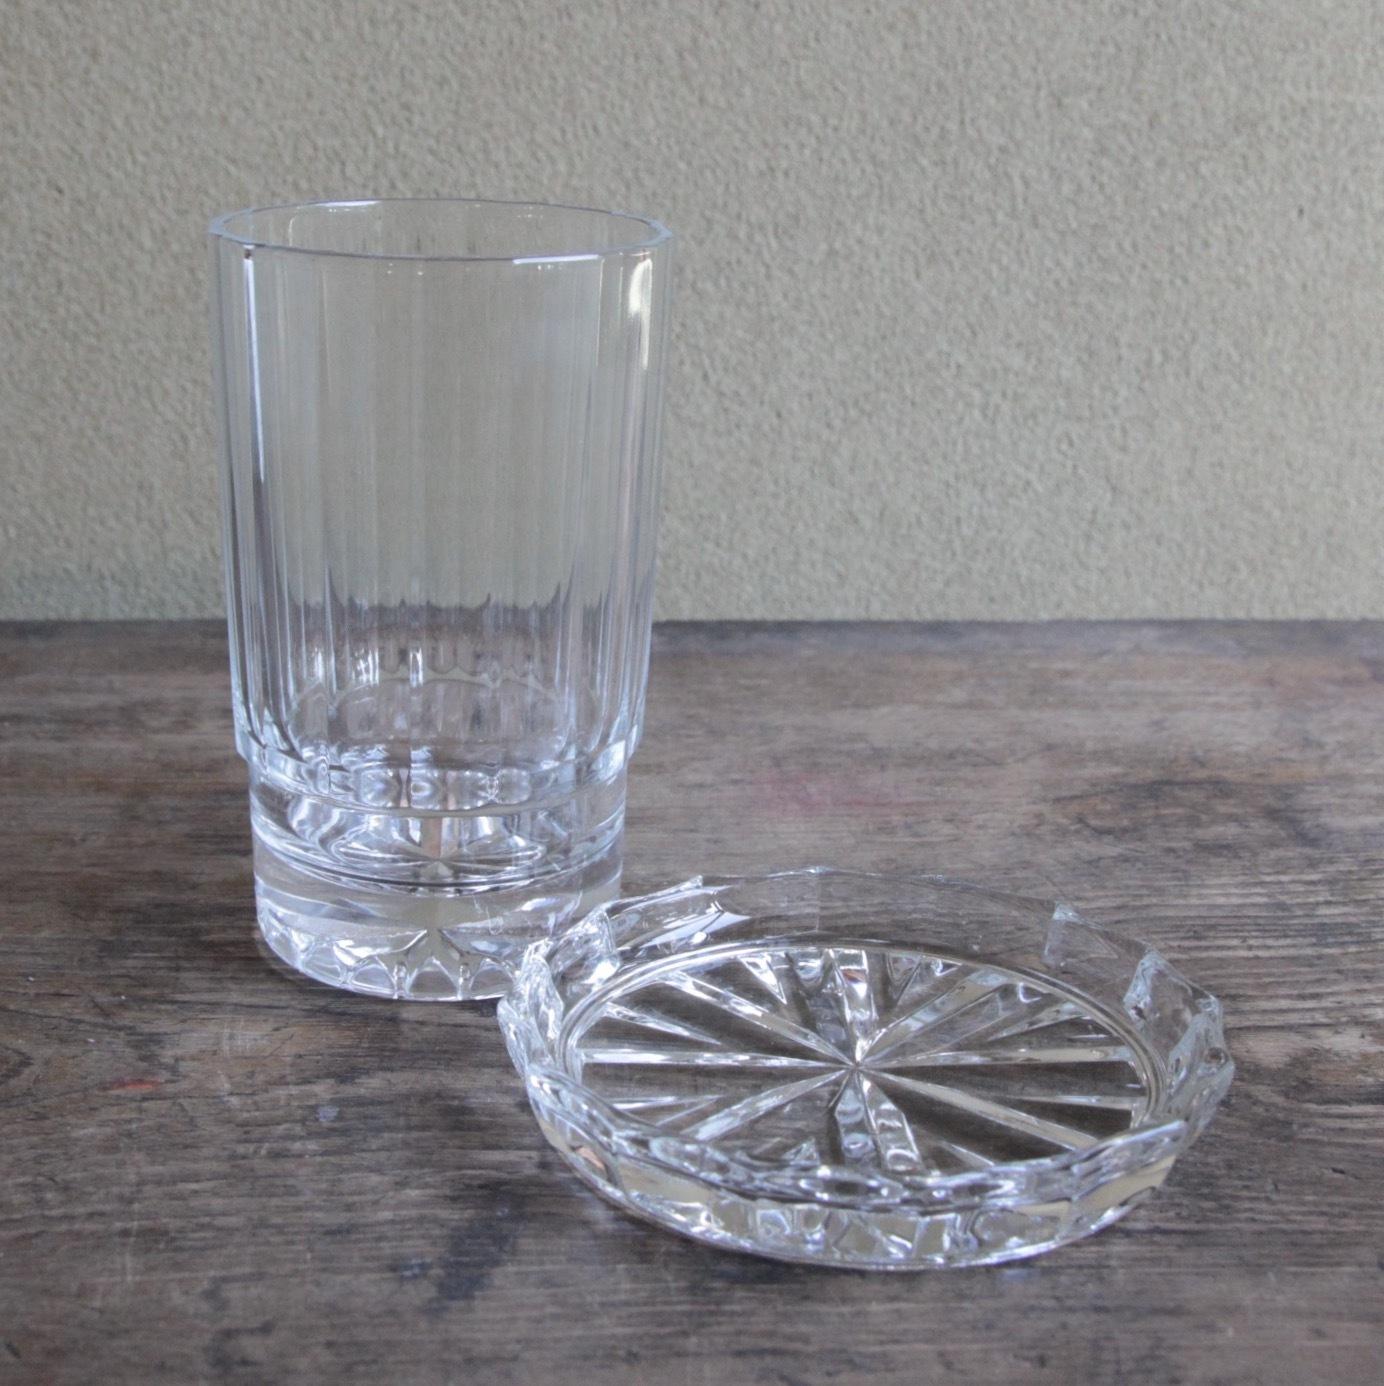 佐々木ガラス グランプラス 在庫1セット